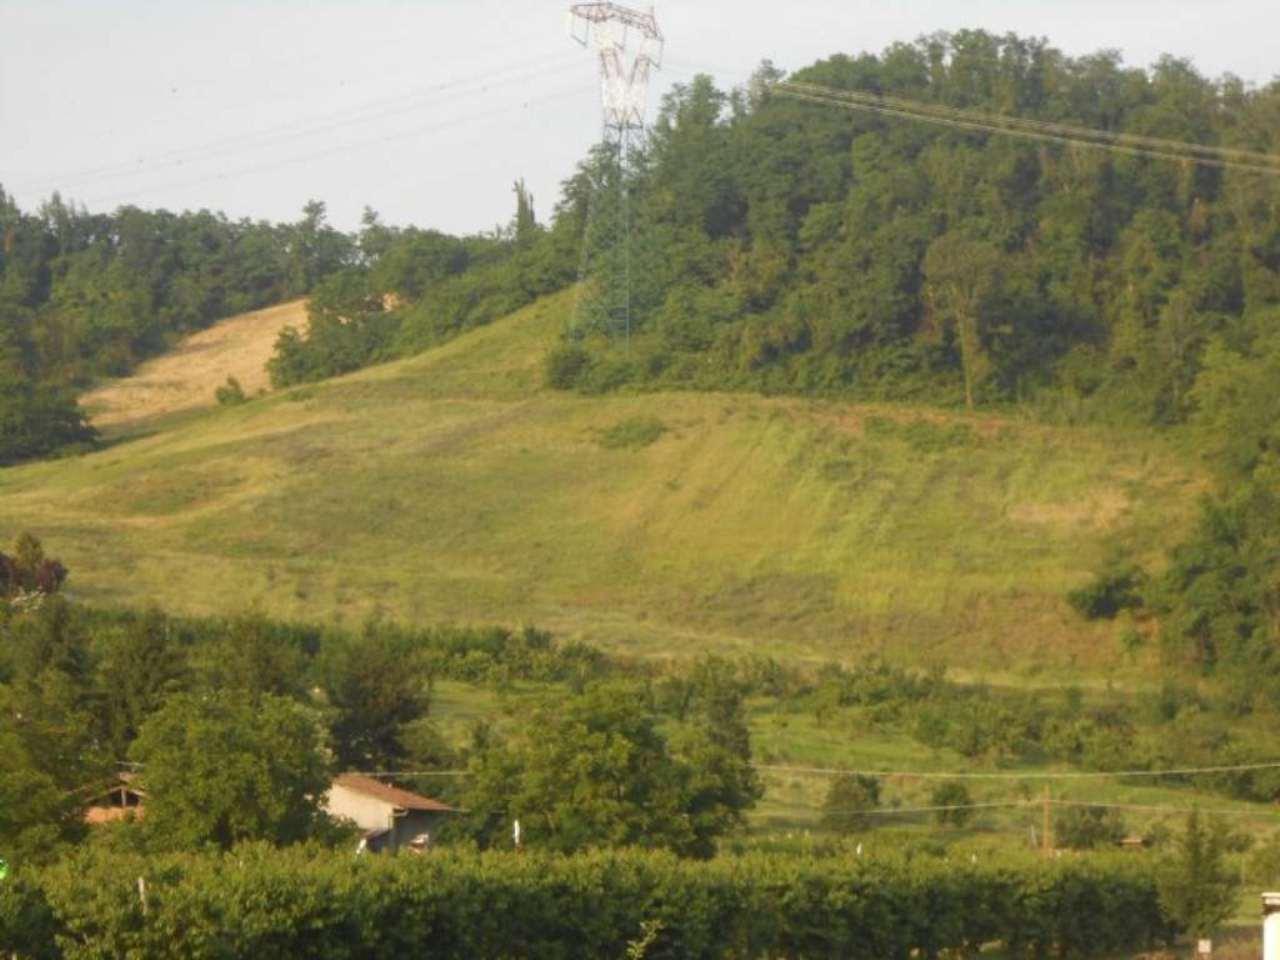 Terreno Agricolo in vendita a Valsamoggia, 9999 locali, prezzo € 60.000 | Cambio Casa.it